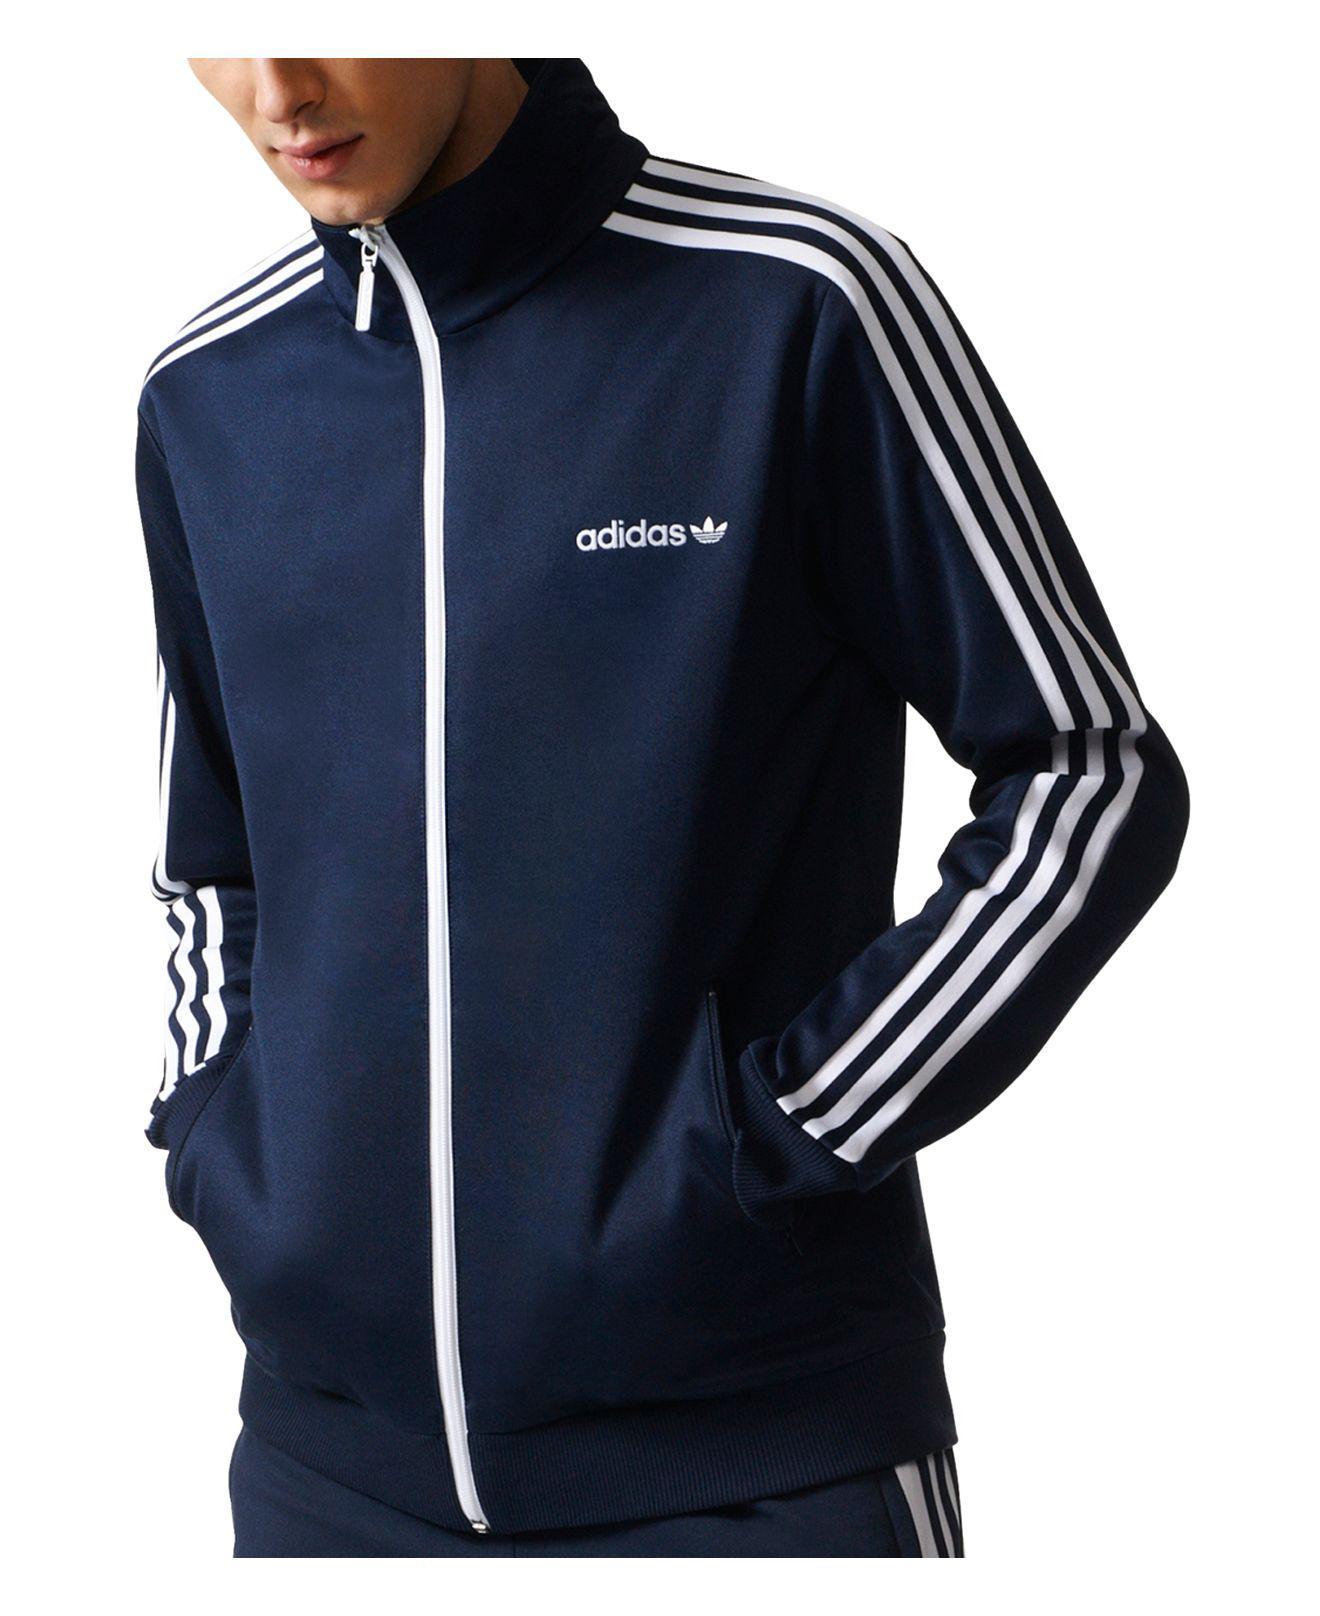 830debadde3 adidas Osaka Velour Beckenbauer Jacket In Navy Cv8959 in Blue for ...